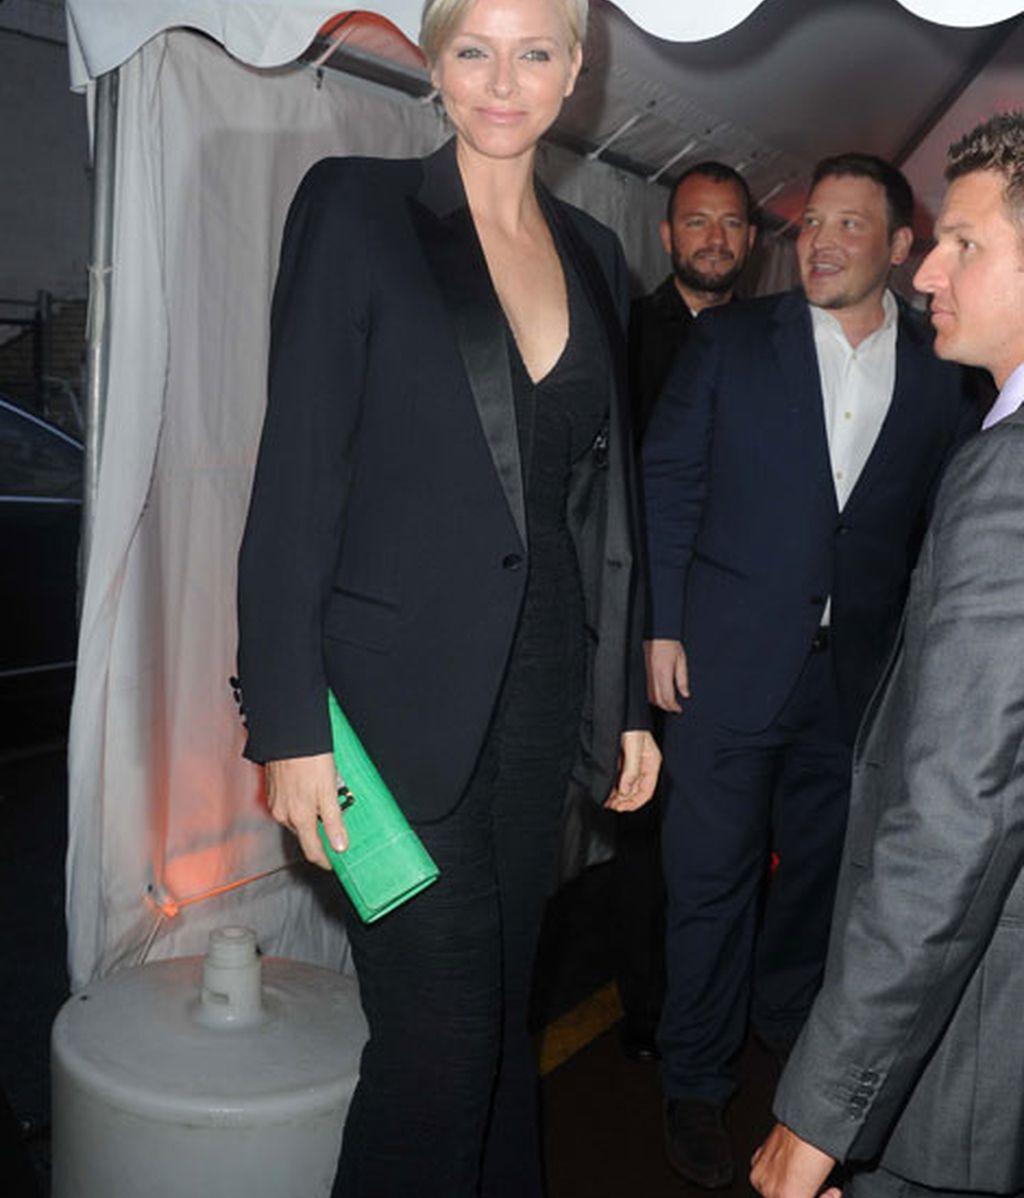 La princesa Charlene dió el toque de color a su look con un bolso verde